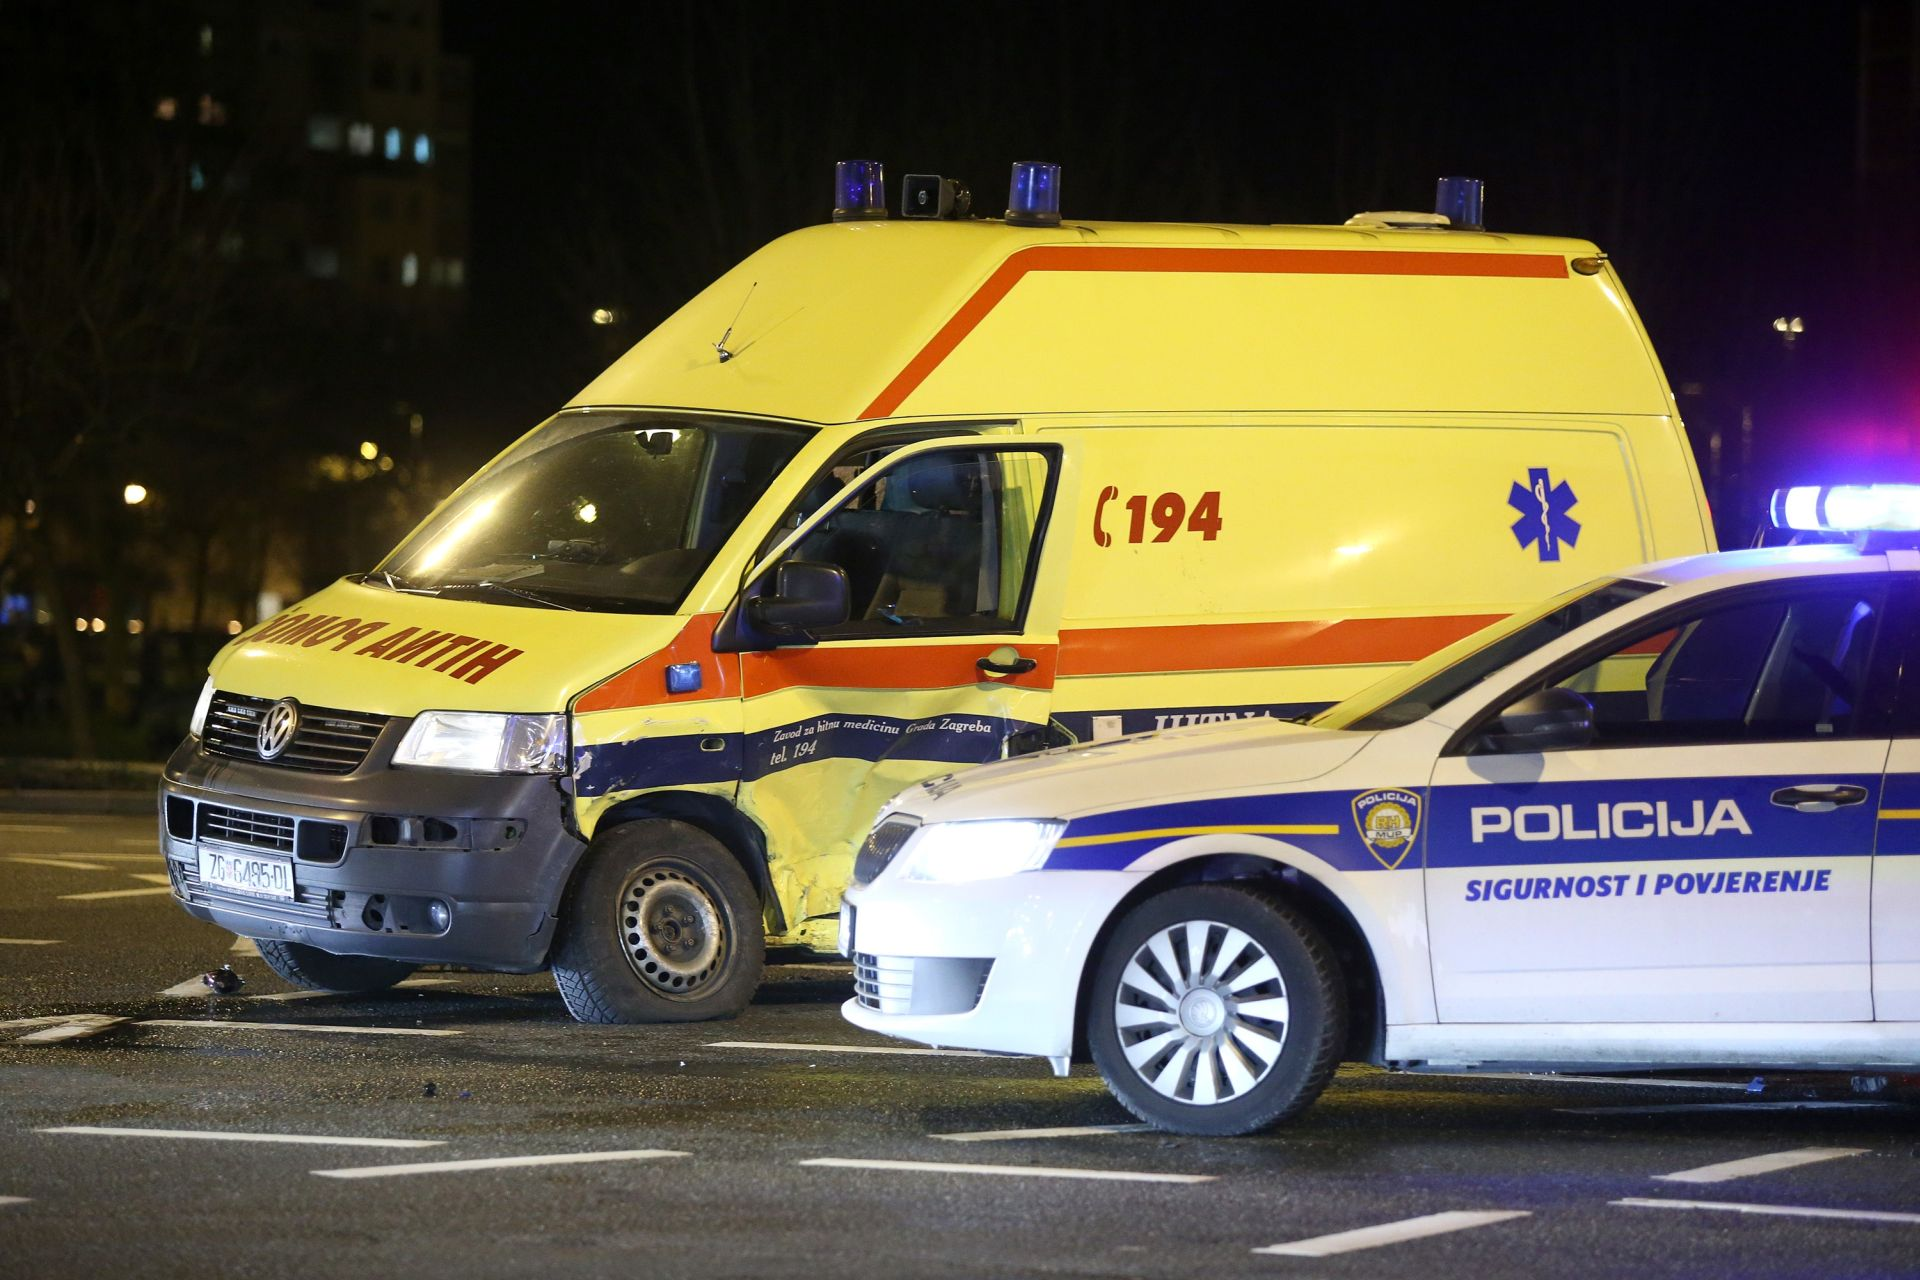 TRAGEDIJA KOD KOPRIVNICE Automobil naletio na pješake, poginulo dvogodišnje dijete, otac u bolnici